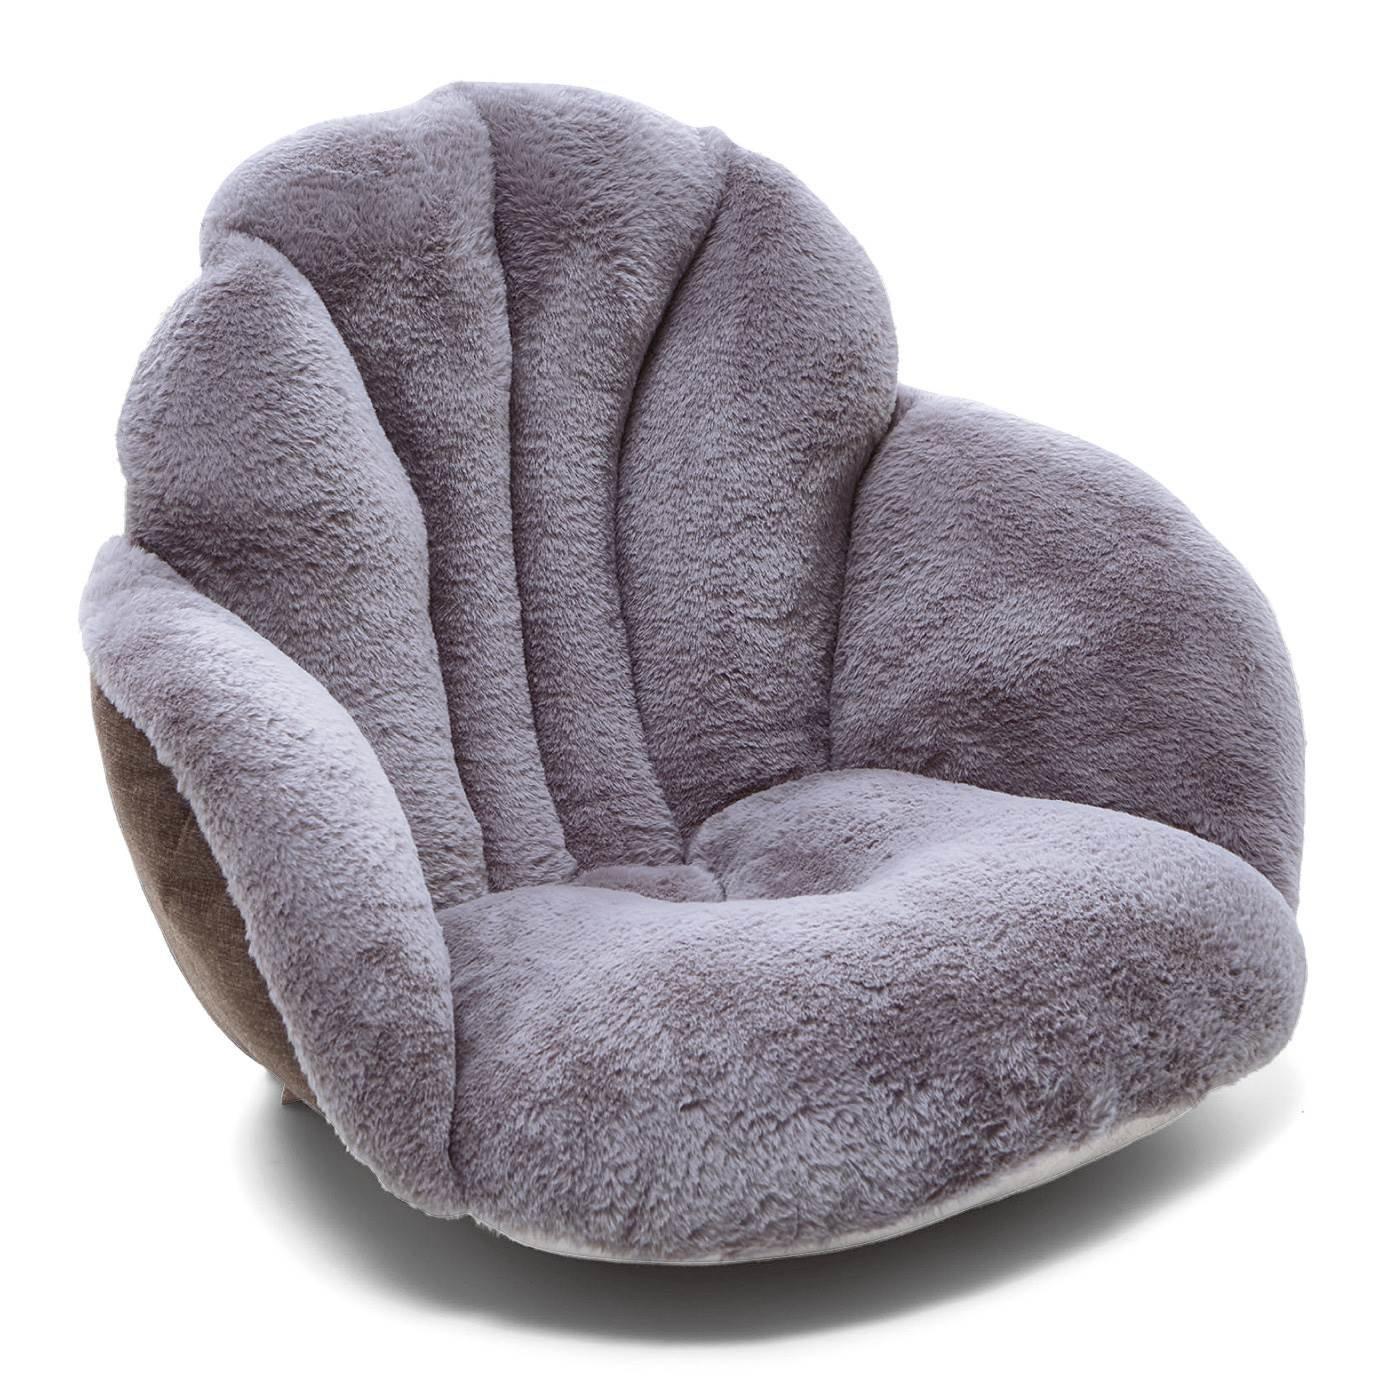 腰を包む座れる毛布 あったかマイソファ